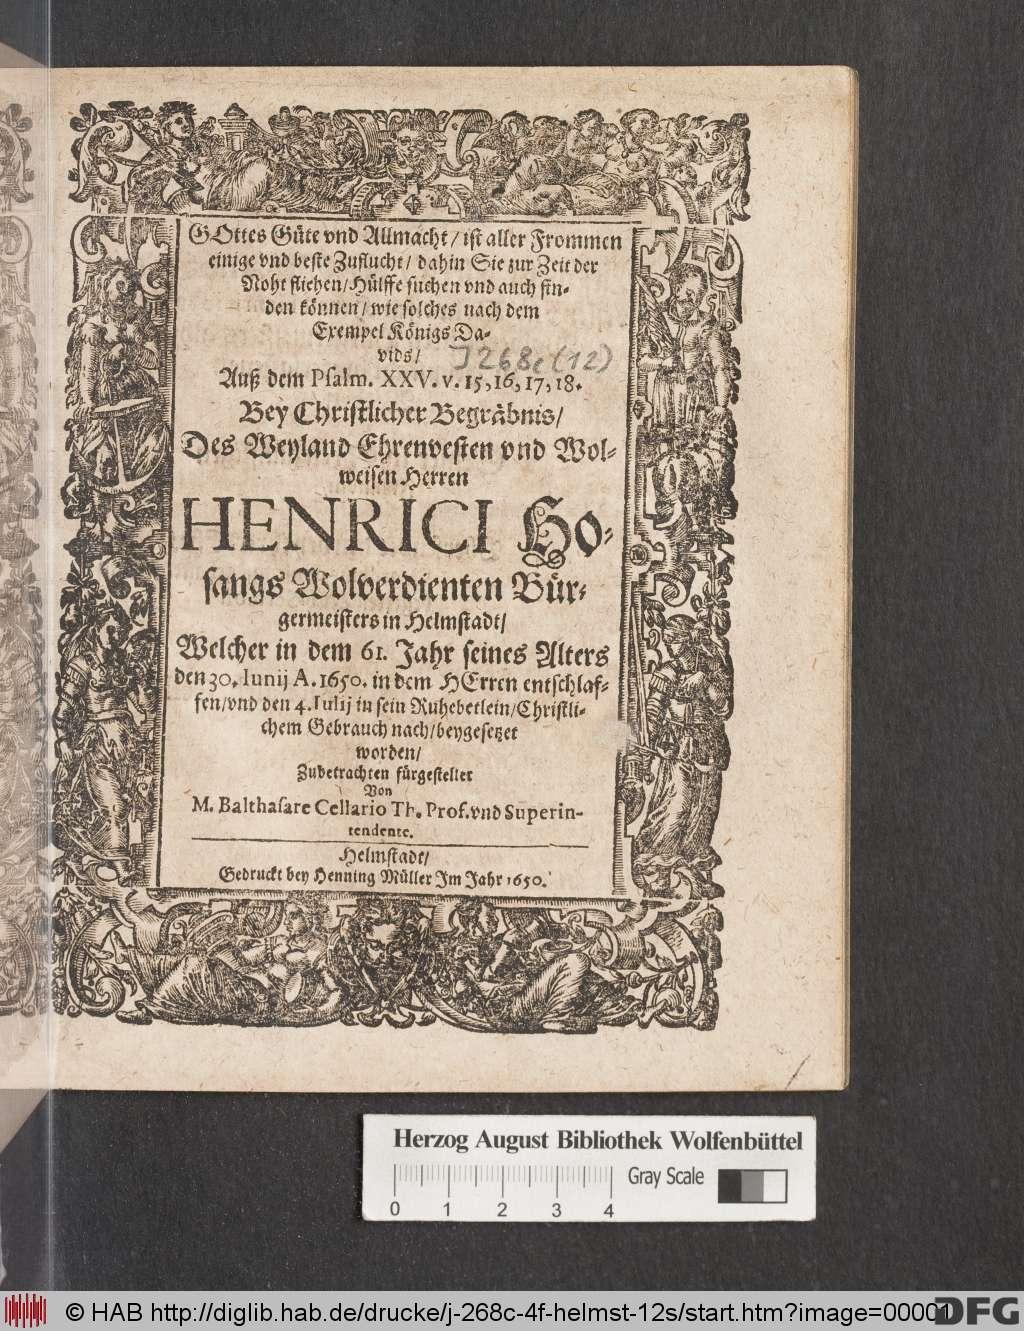 http://diglib.hab.de/drucke/j-268c-4f-helmst-12s/00001.jpg